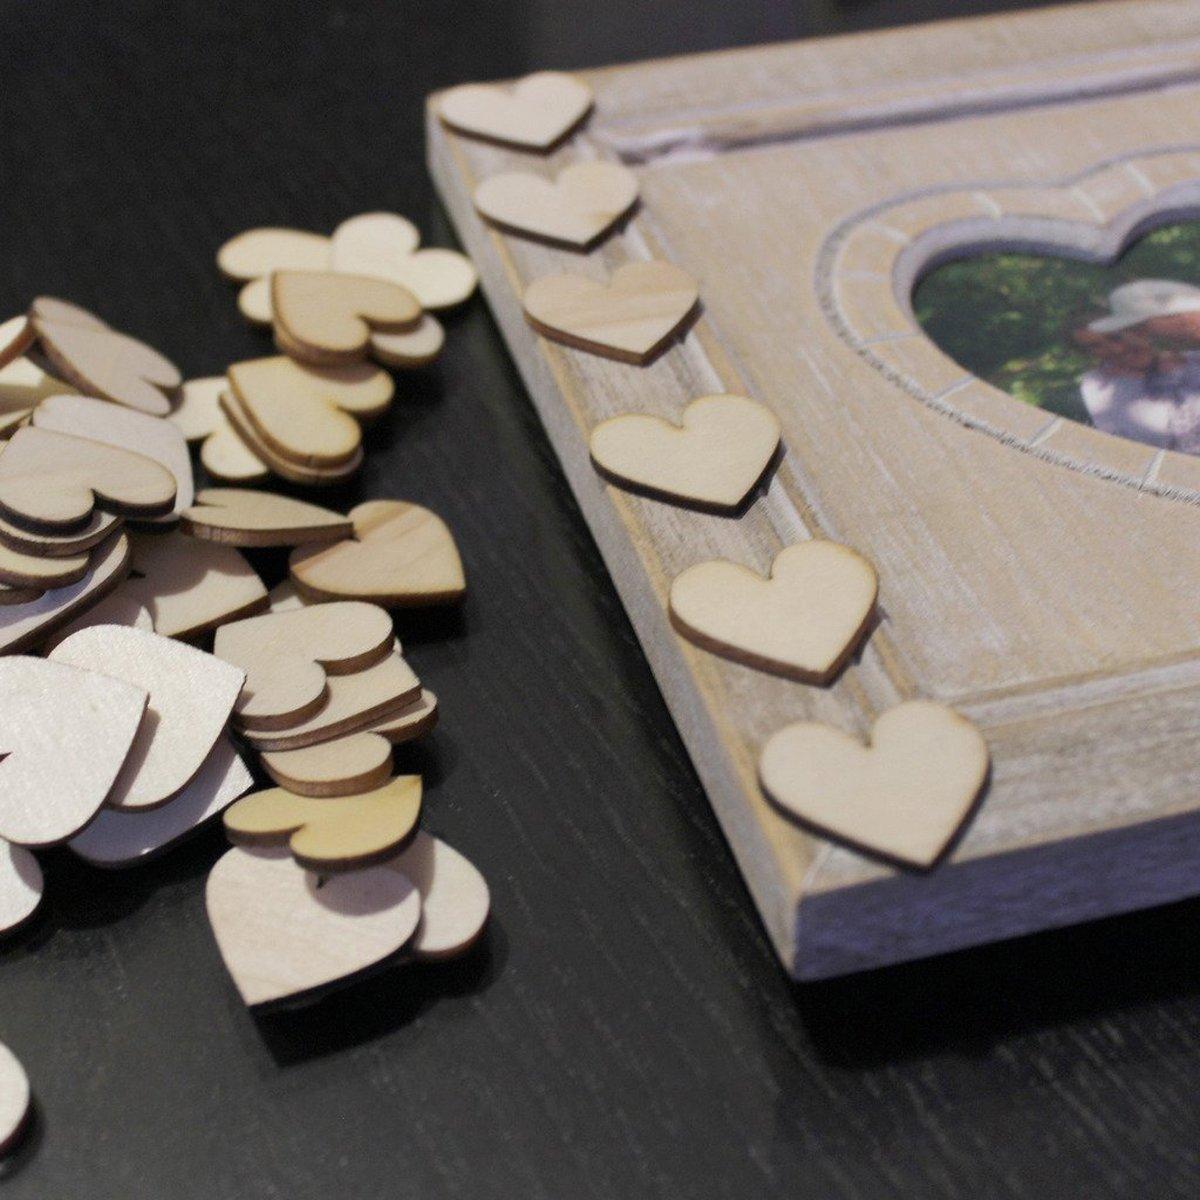 Butterme 50//100PCS multiformats marqu/és disques en bois de bijoux de coeur Blank Artisanat Couture pour le mariage DIY 20mm, 30mm, 40mm